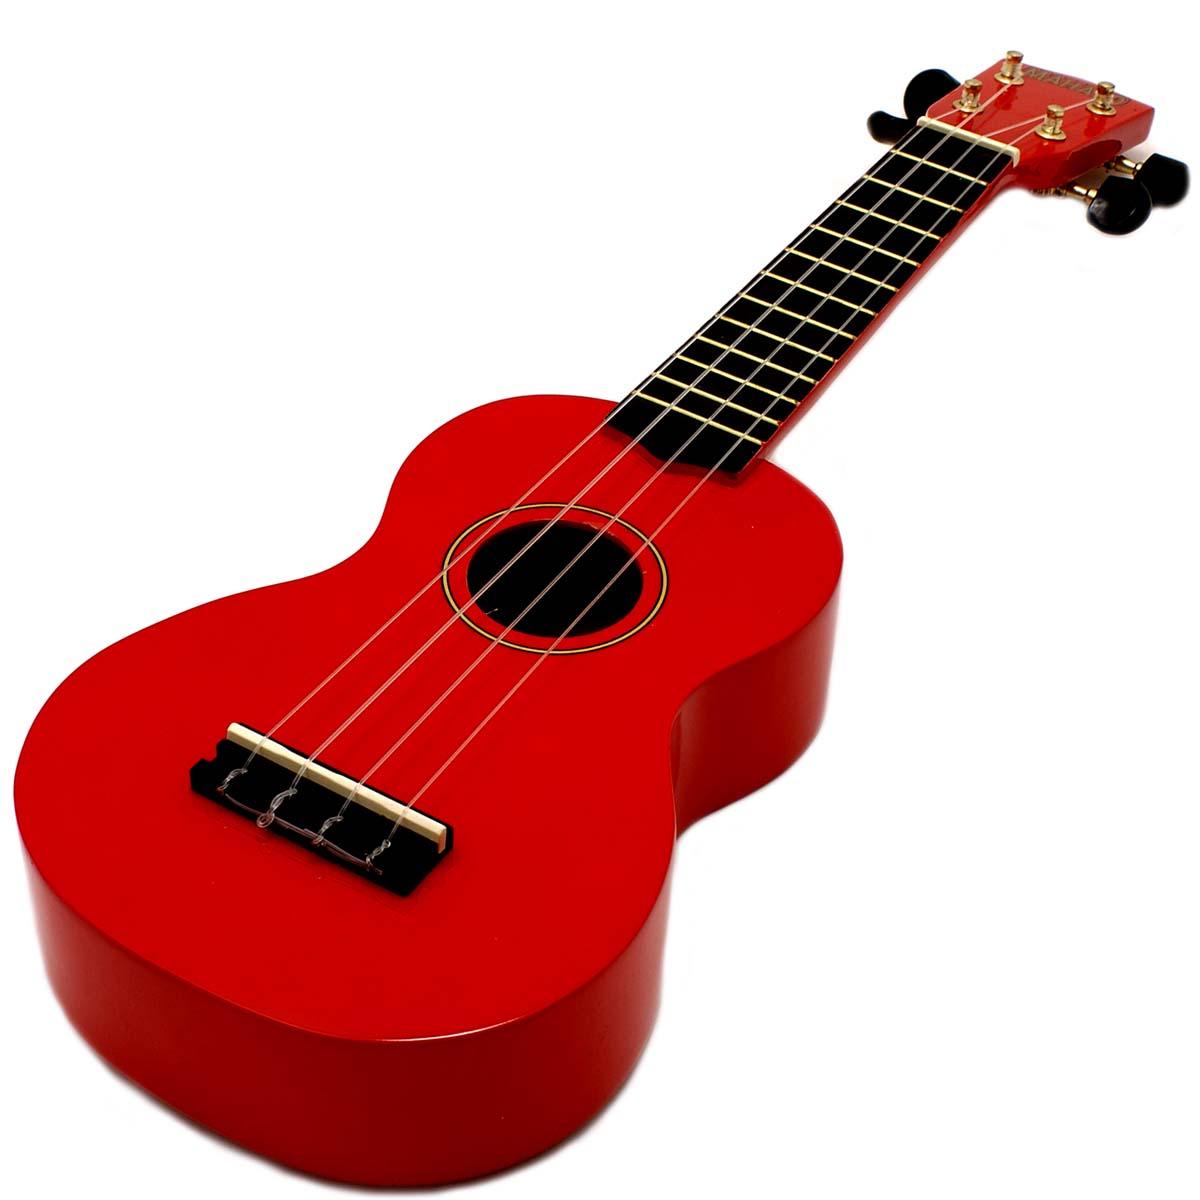 Ukulele Clipart-ukulele clipart-15